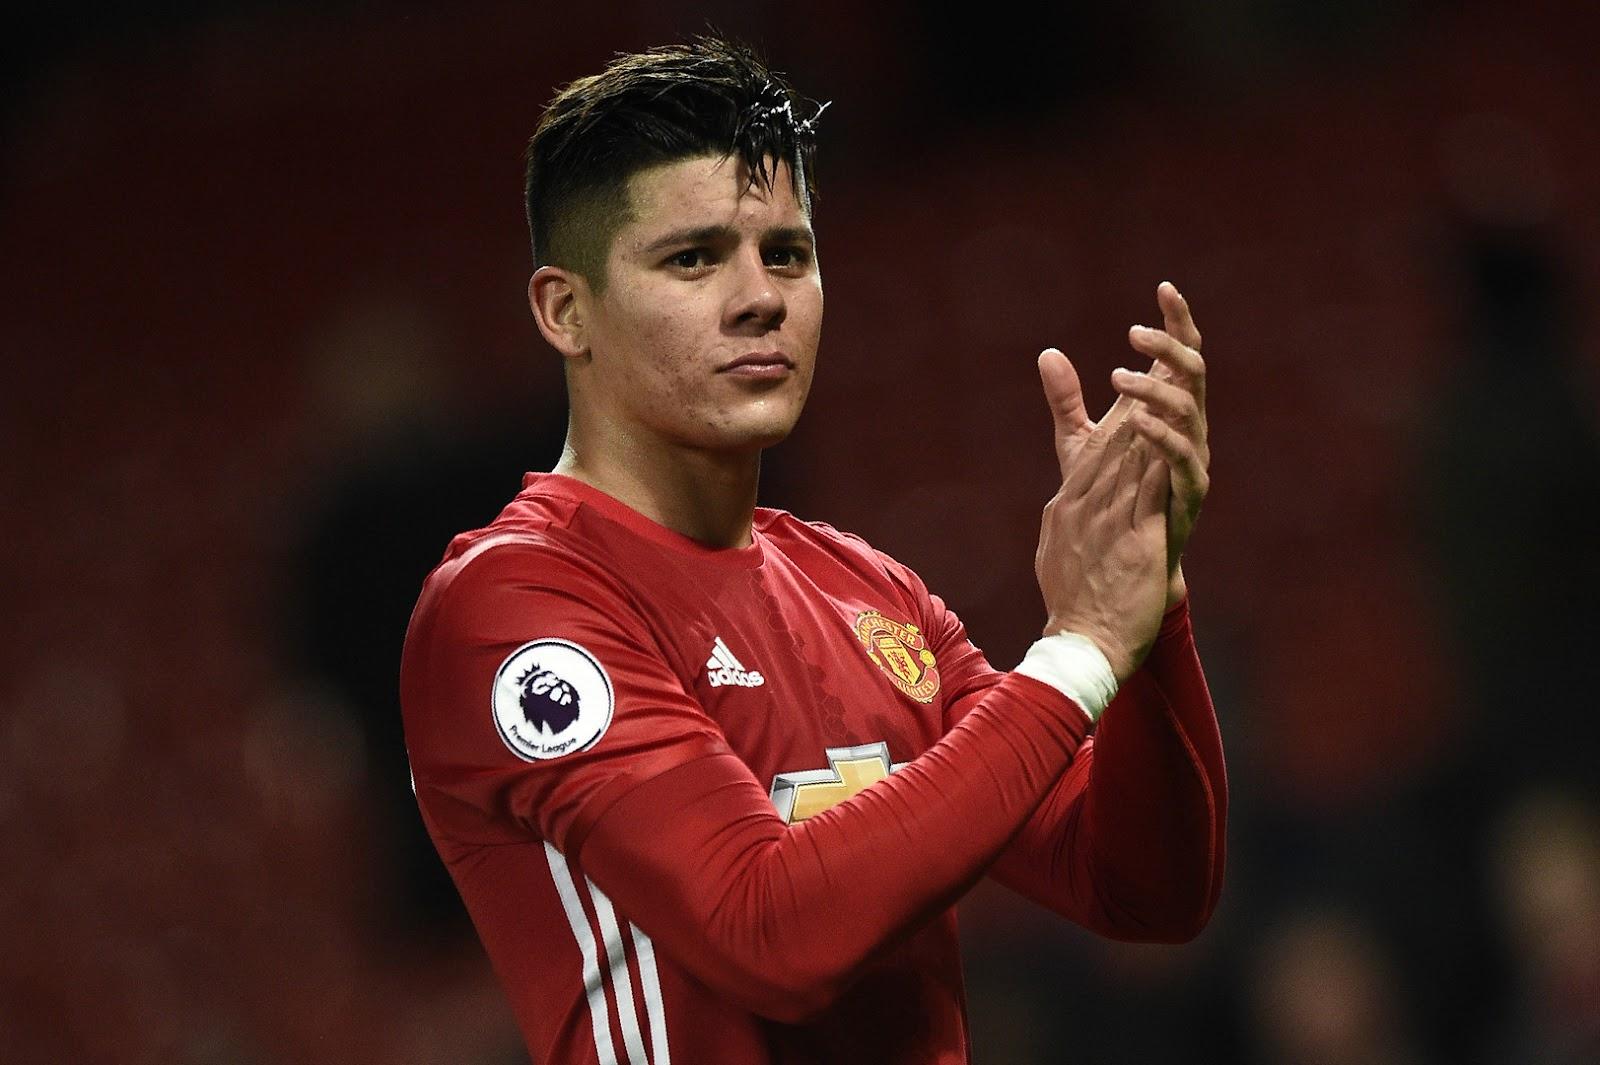 Манчестер Юнайтед планирует продать Маркоса Рохо